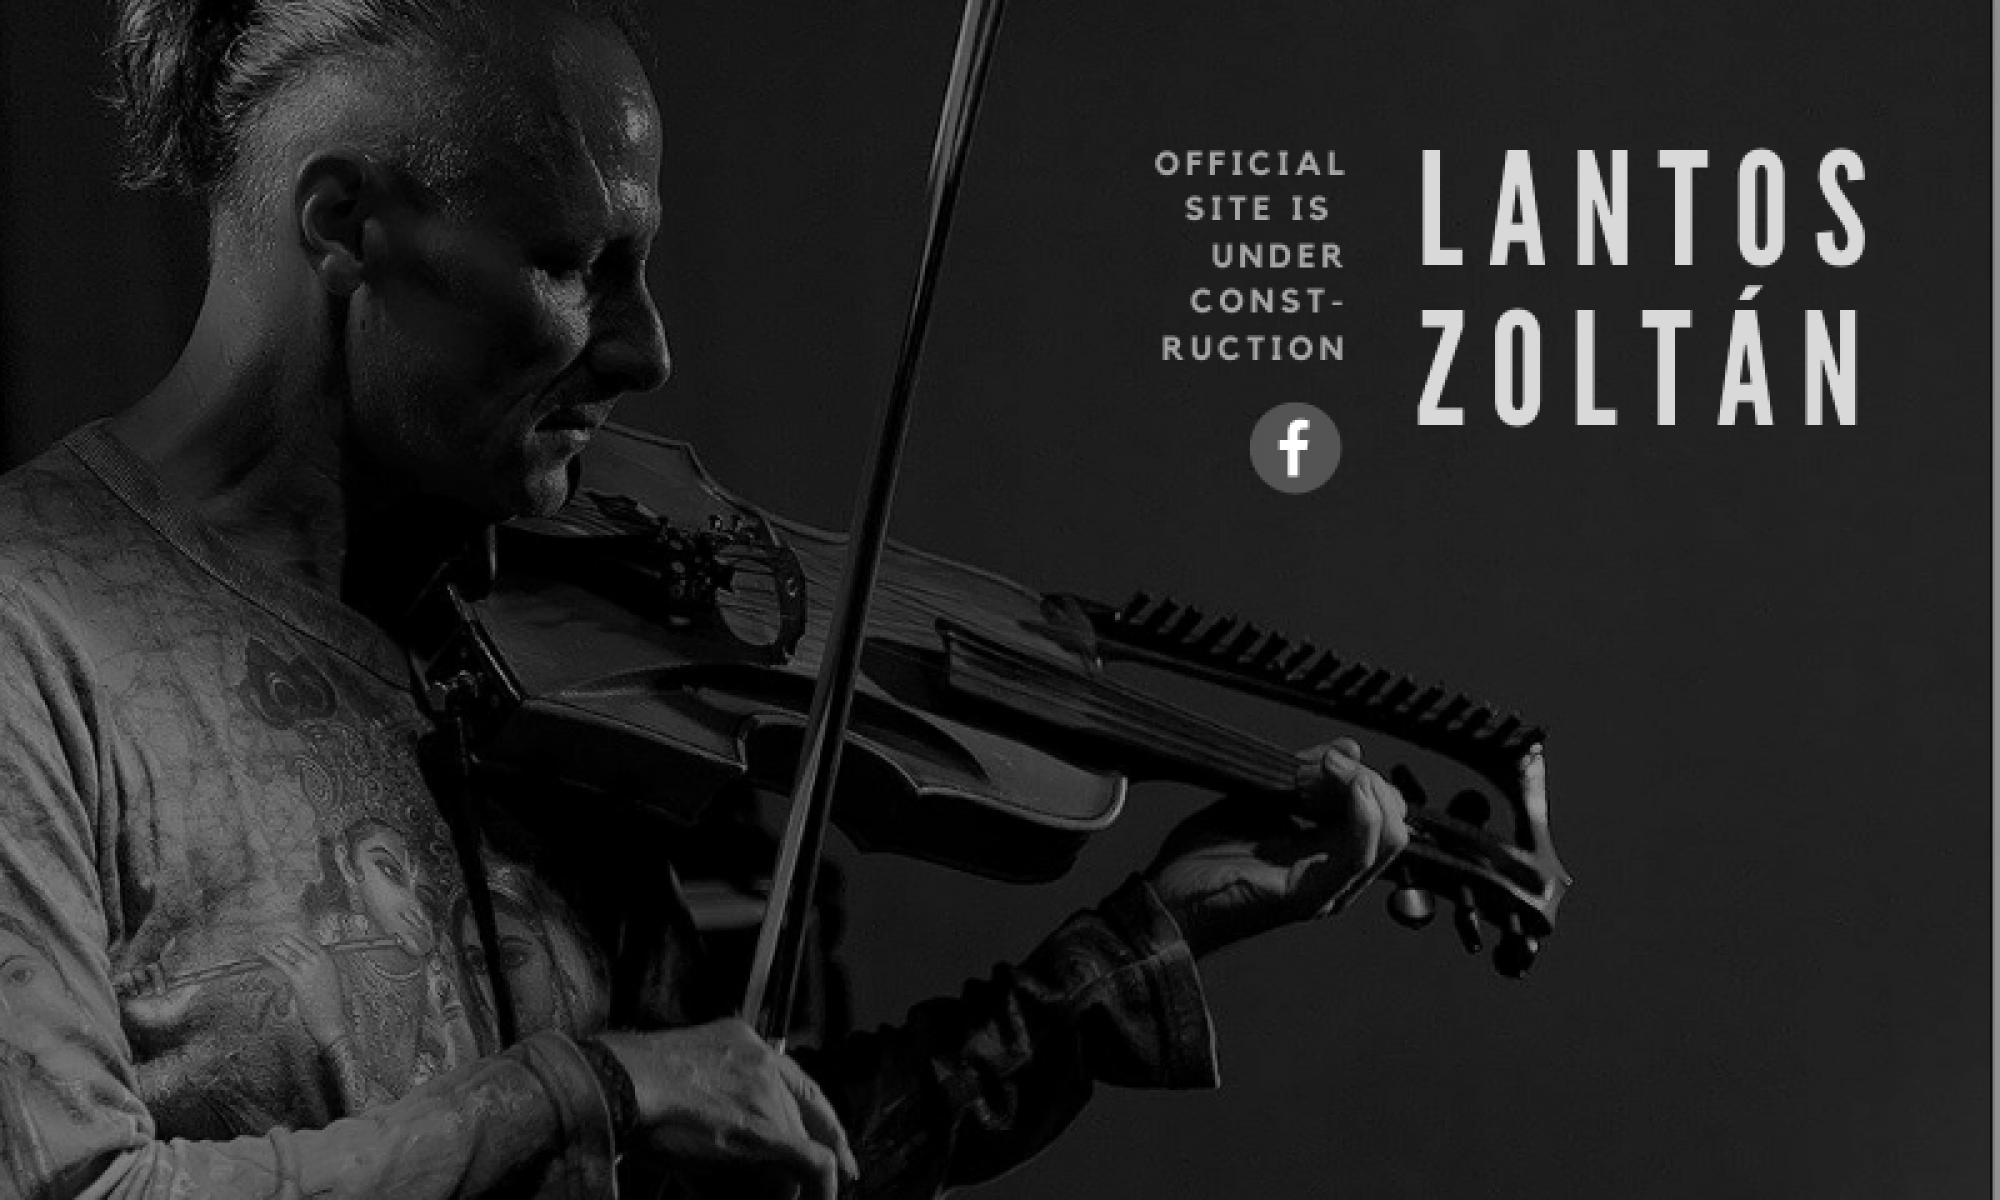 Zoltán Lantos' Official Page